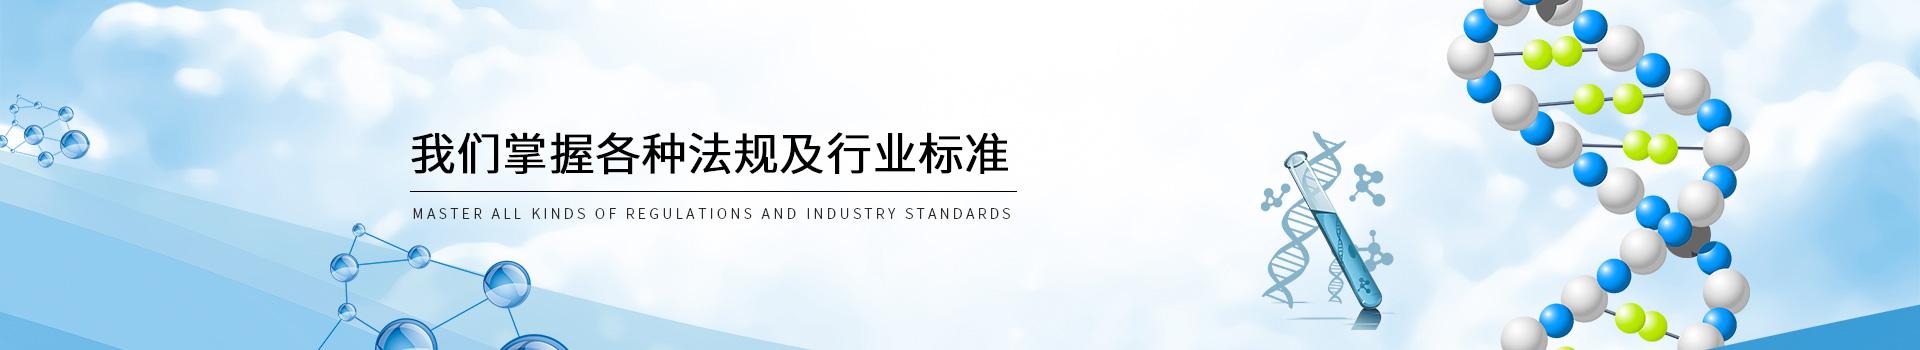 GMP审计-掌握各种法规行业标准